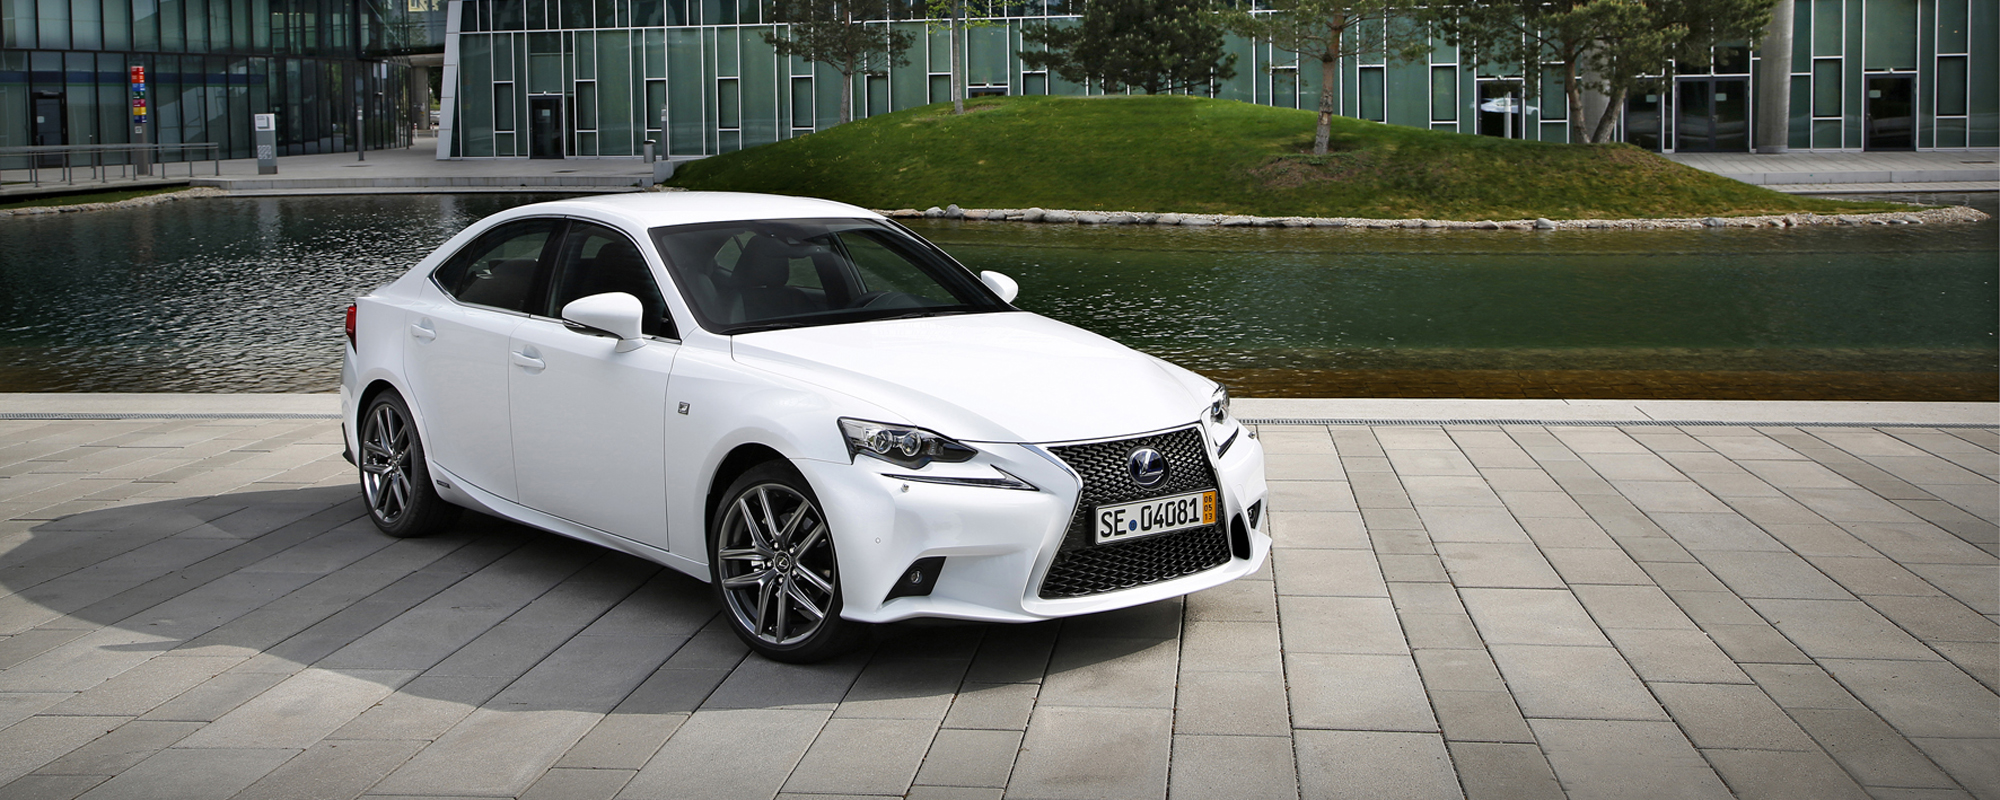 Lexus rijders het meest tevreden over hun auto